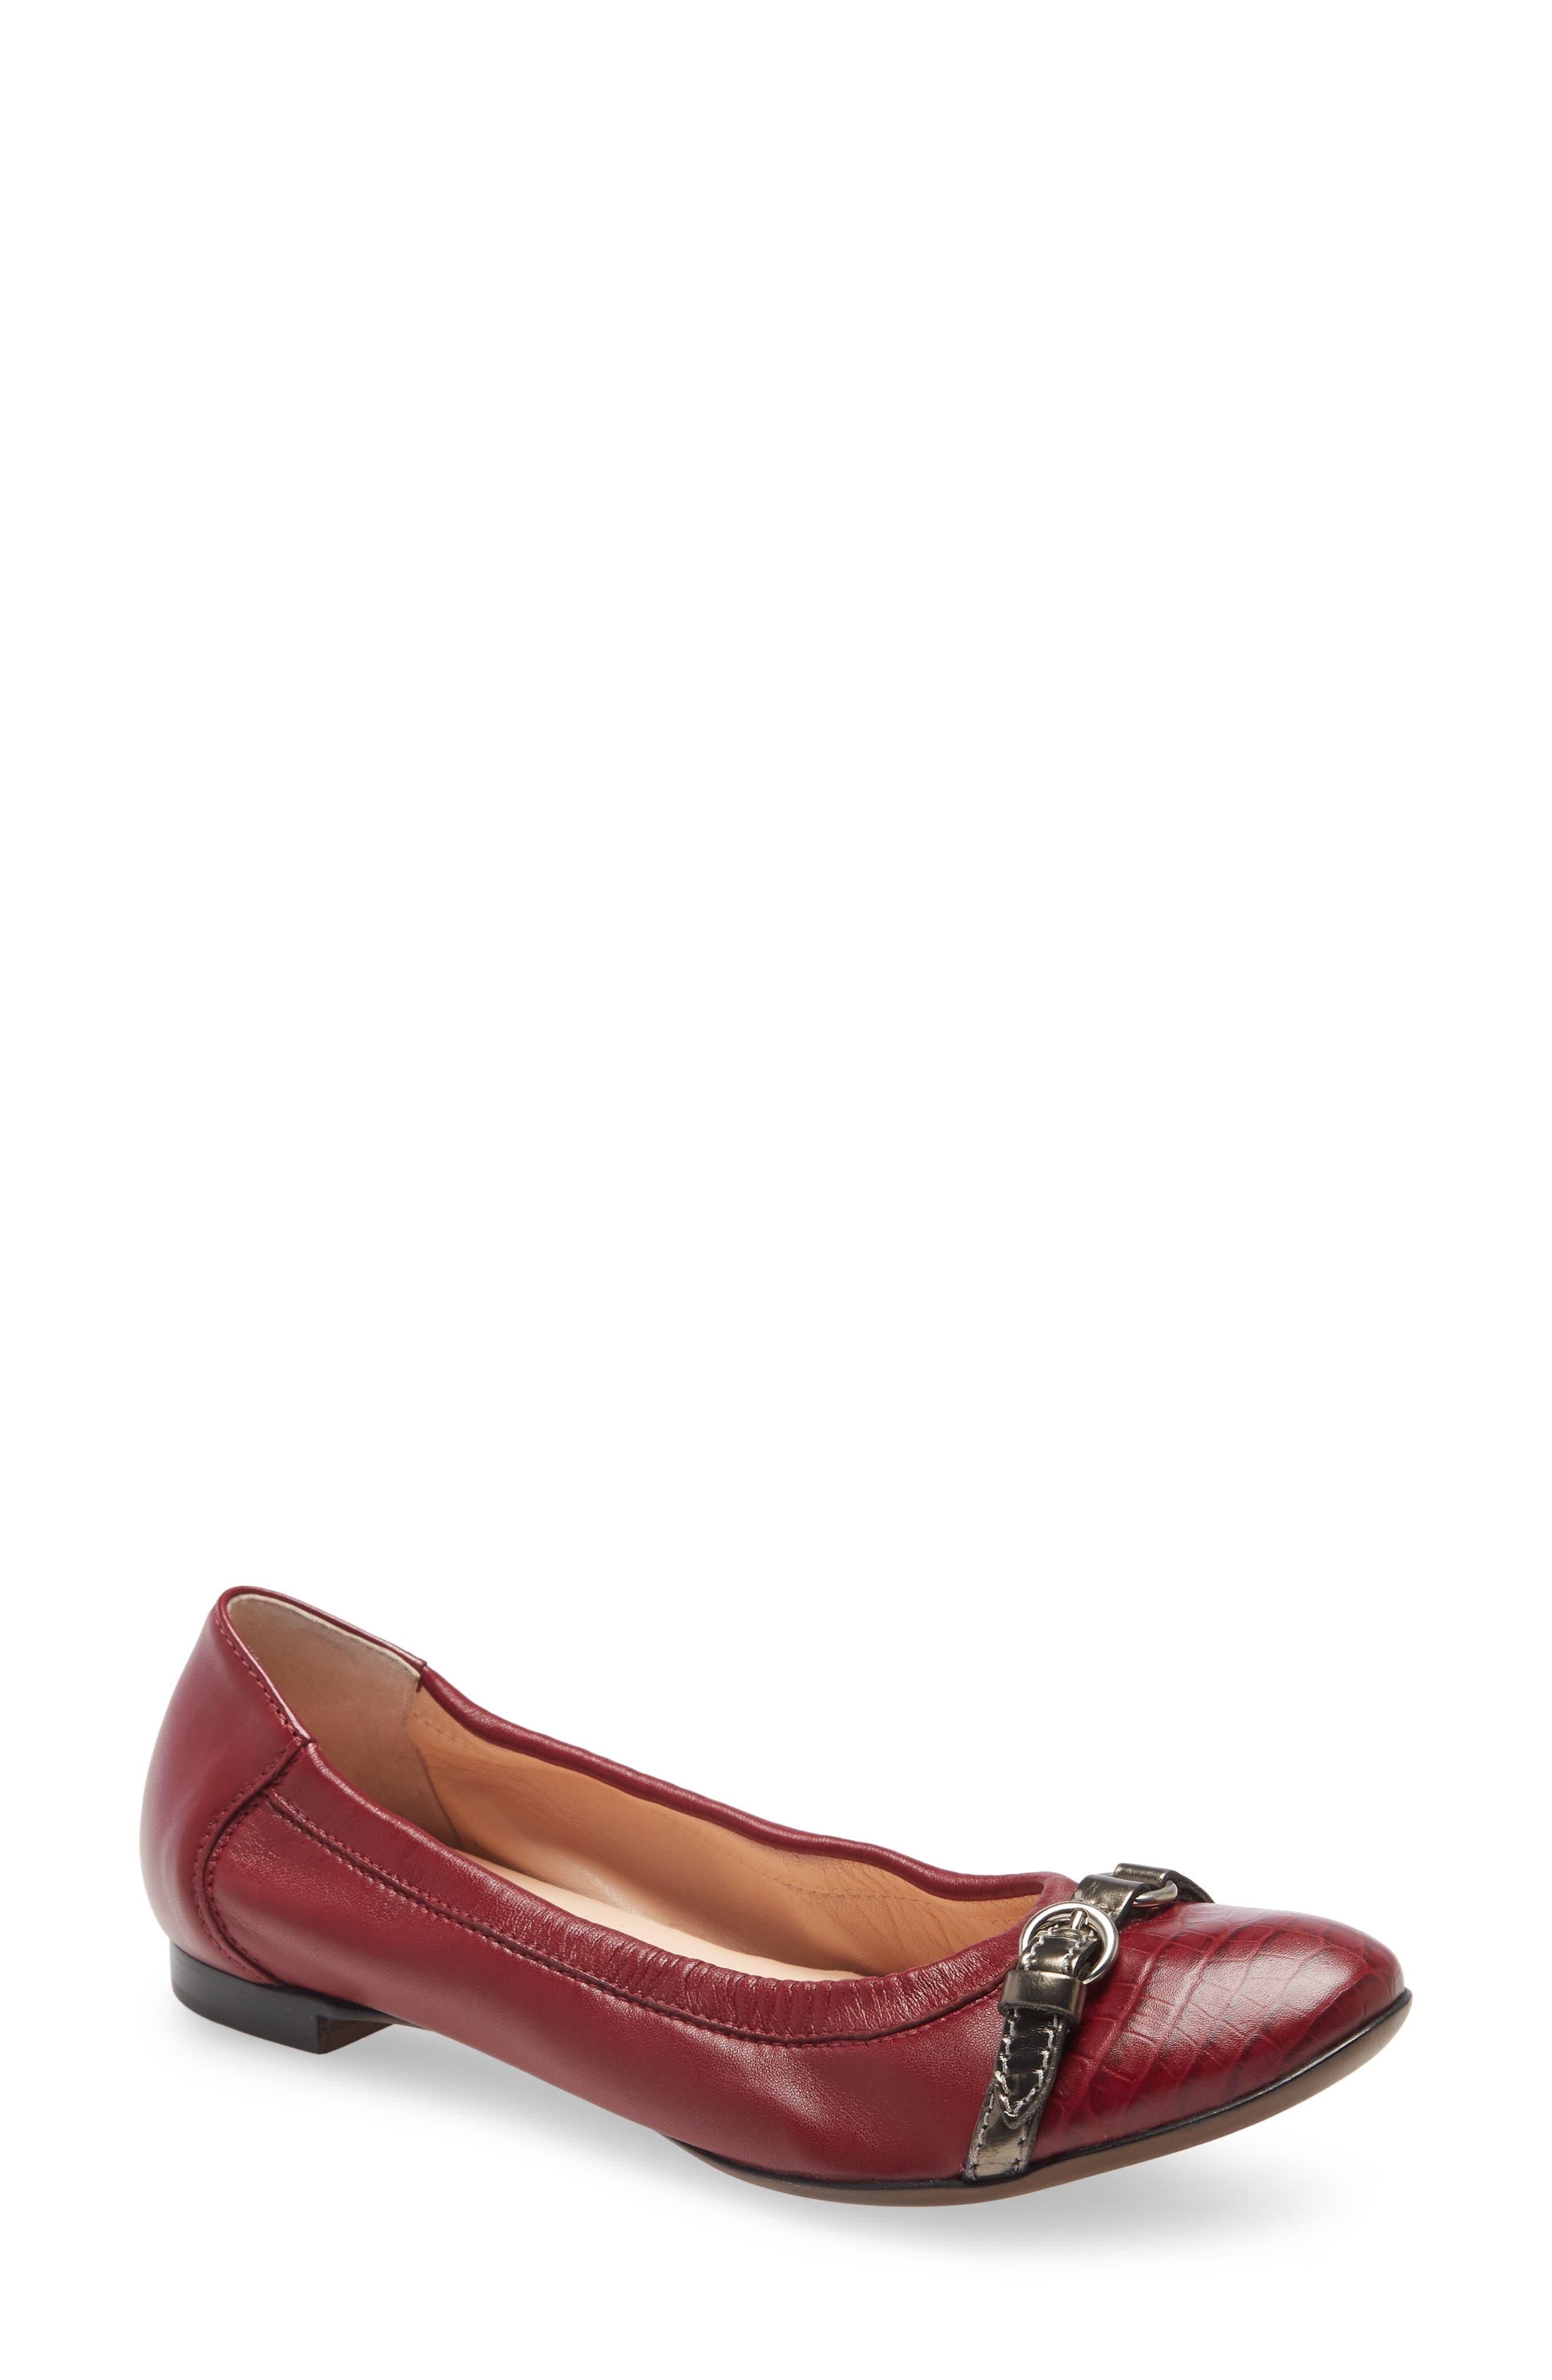 Red Flats \u0026 Ballet Flats | Nordstrom